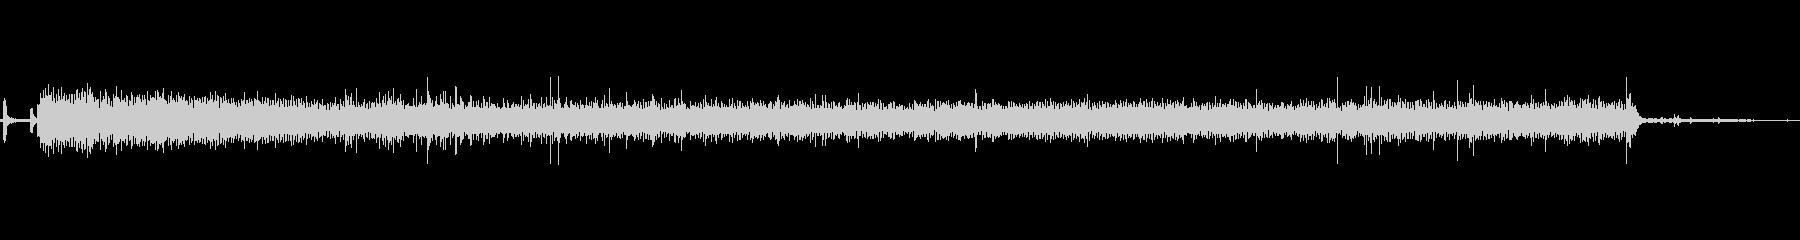 自動販売機ディスペンサースタートストップの未再生の波形